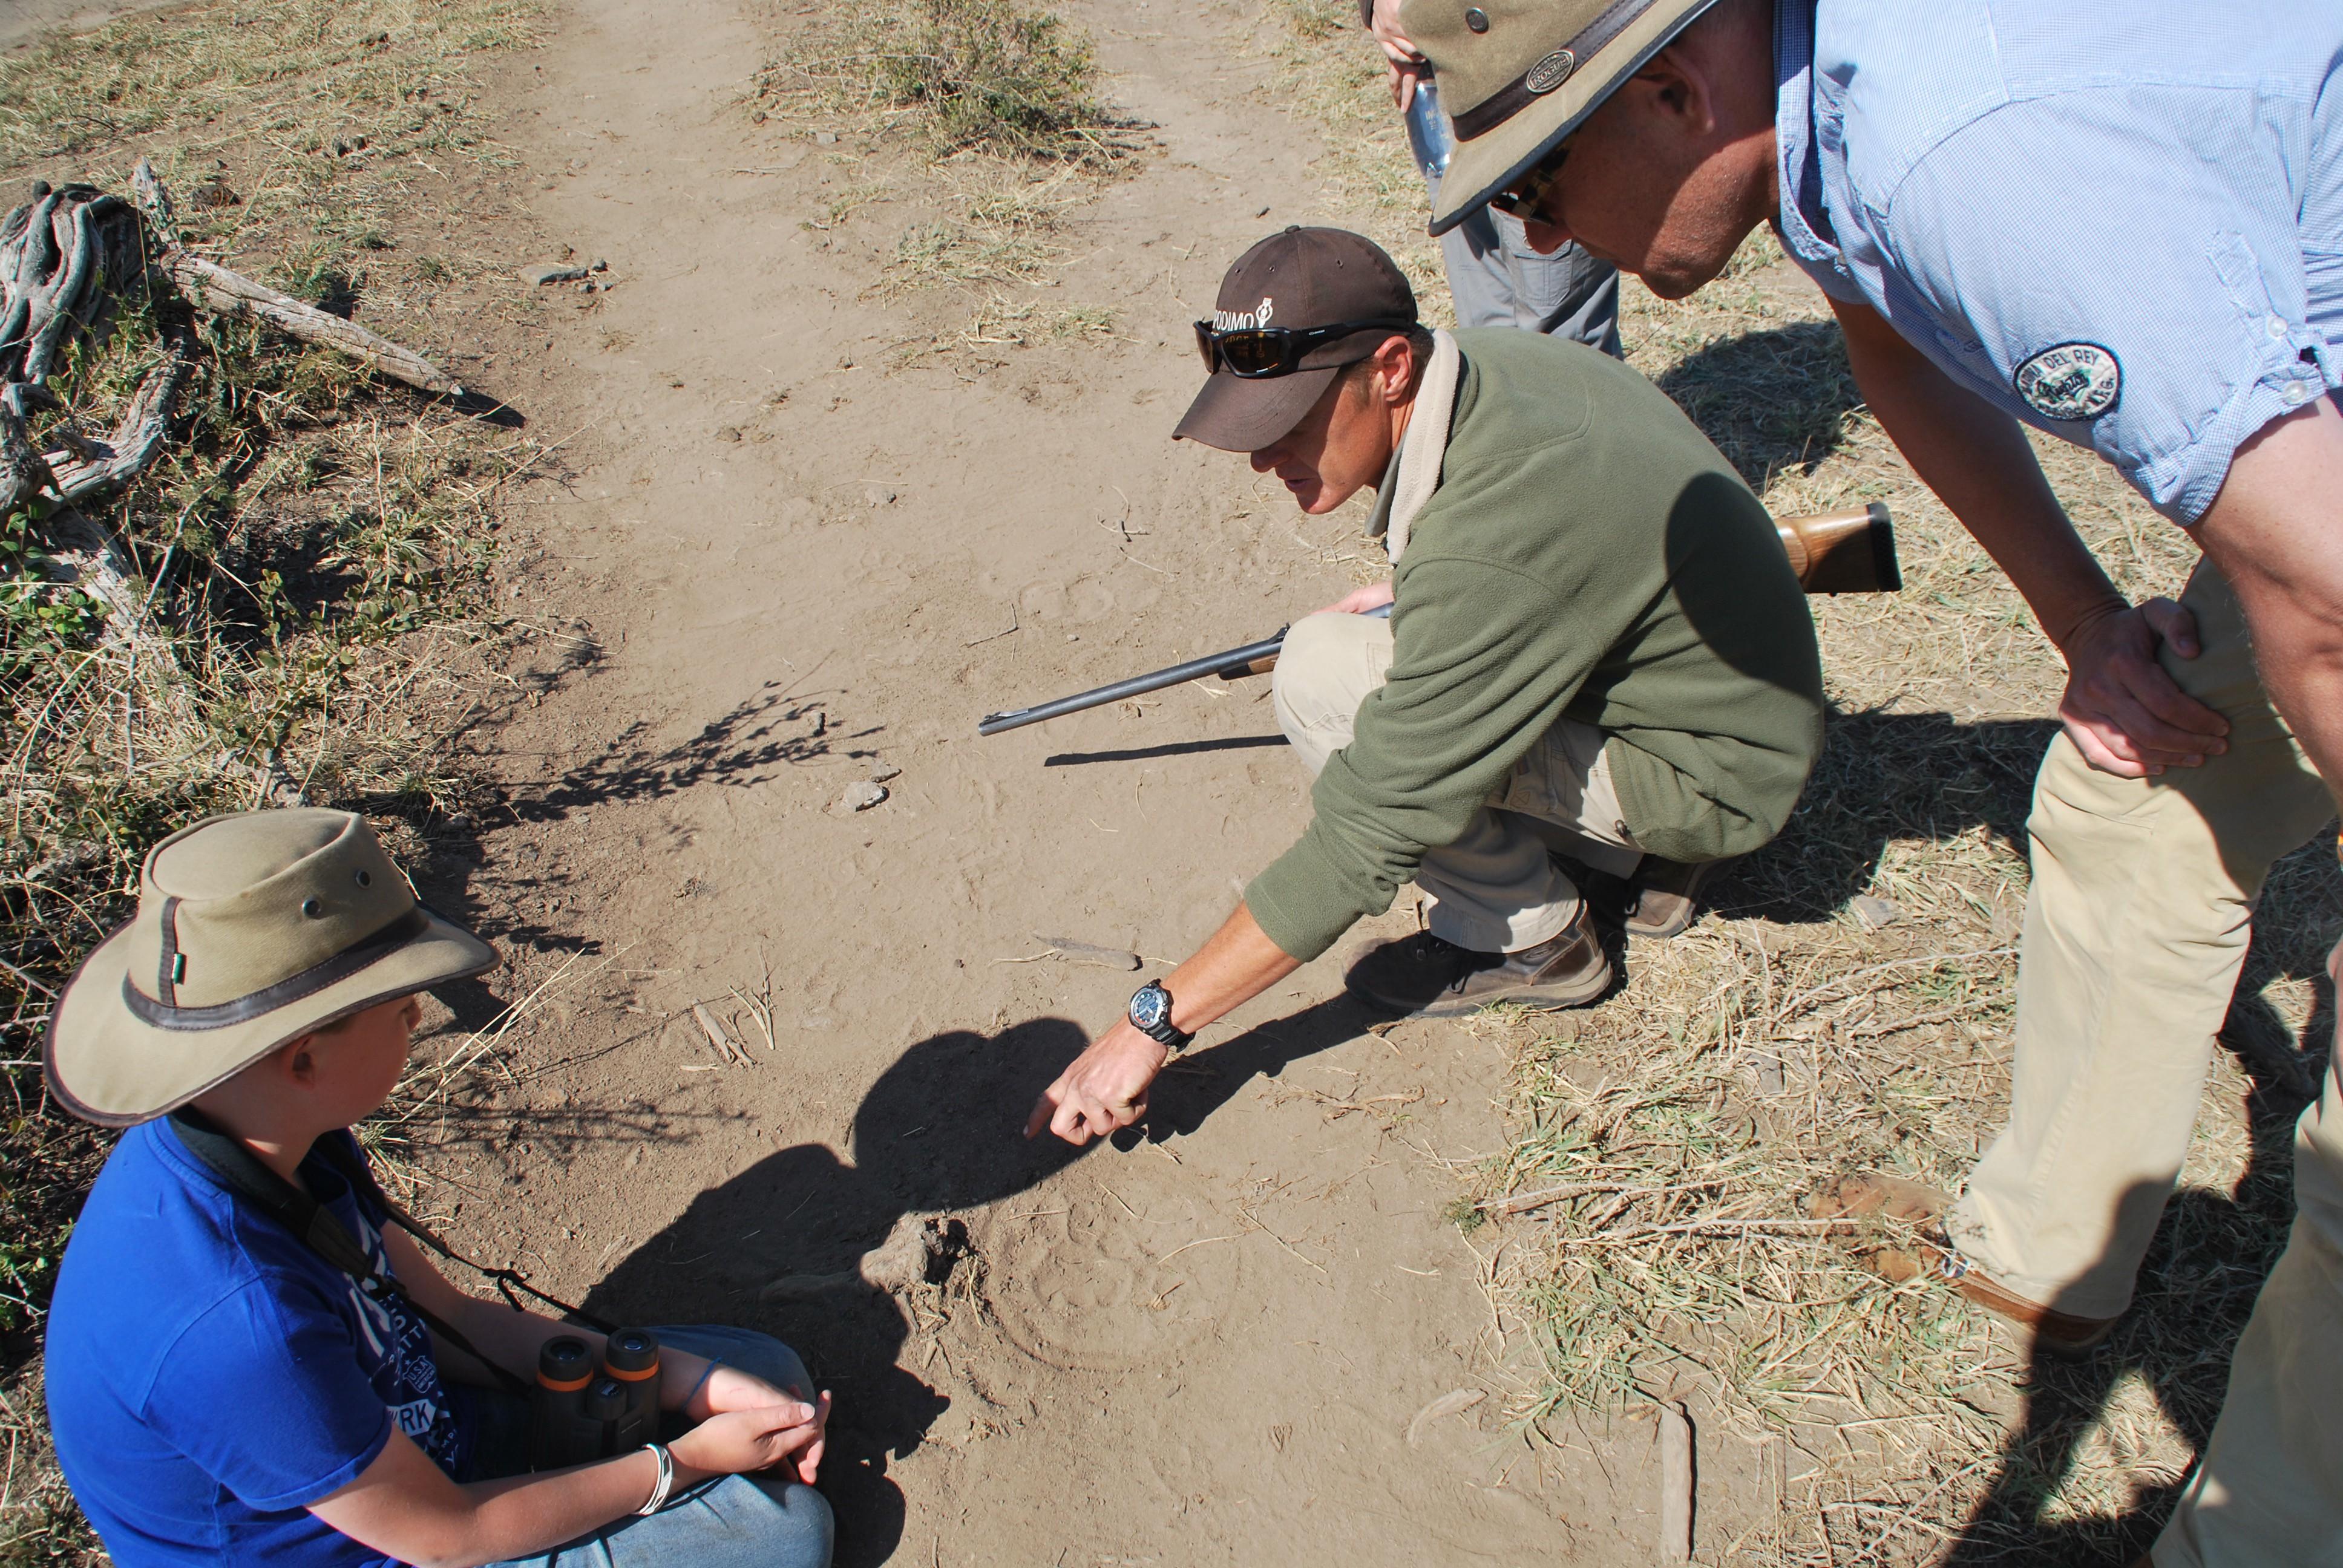 Herman wijst ons op sporen in het zand